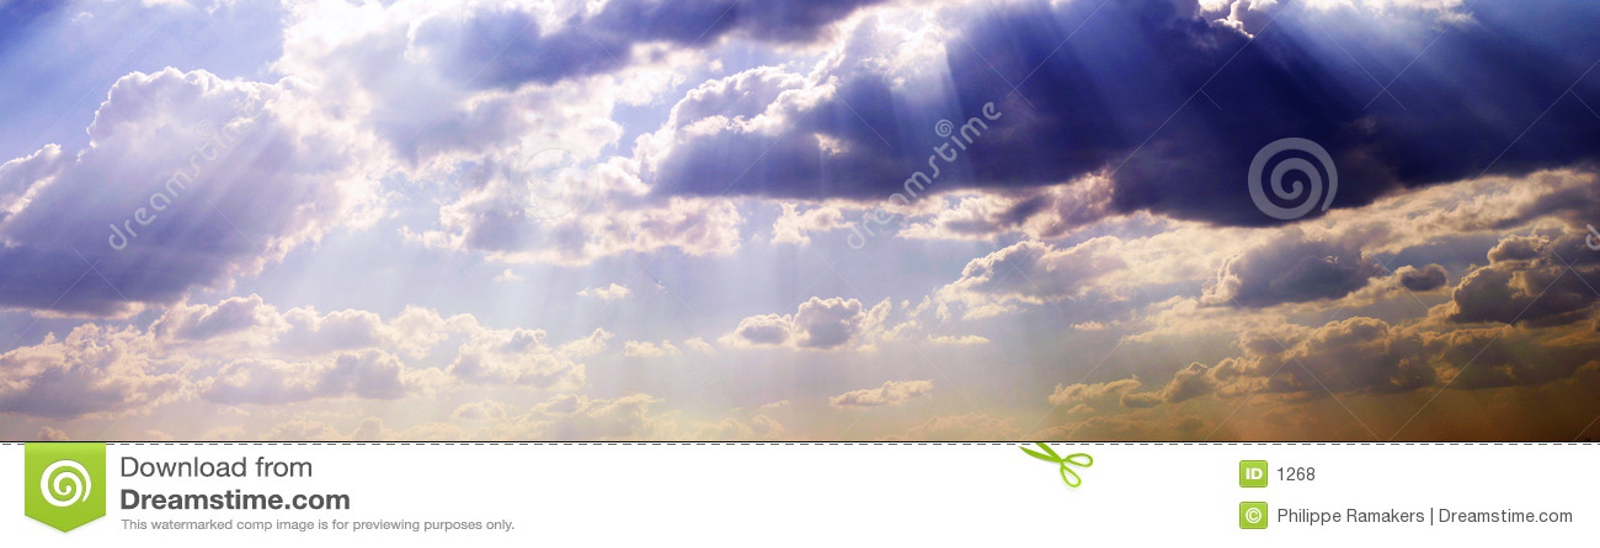 заволакивает небо широкое